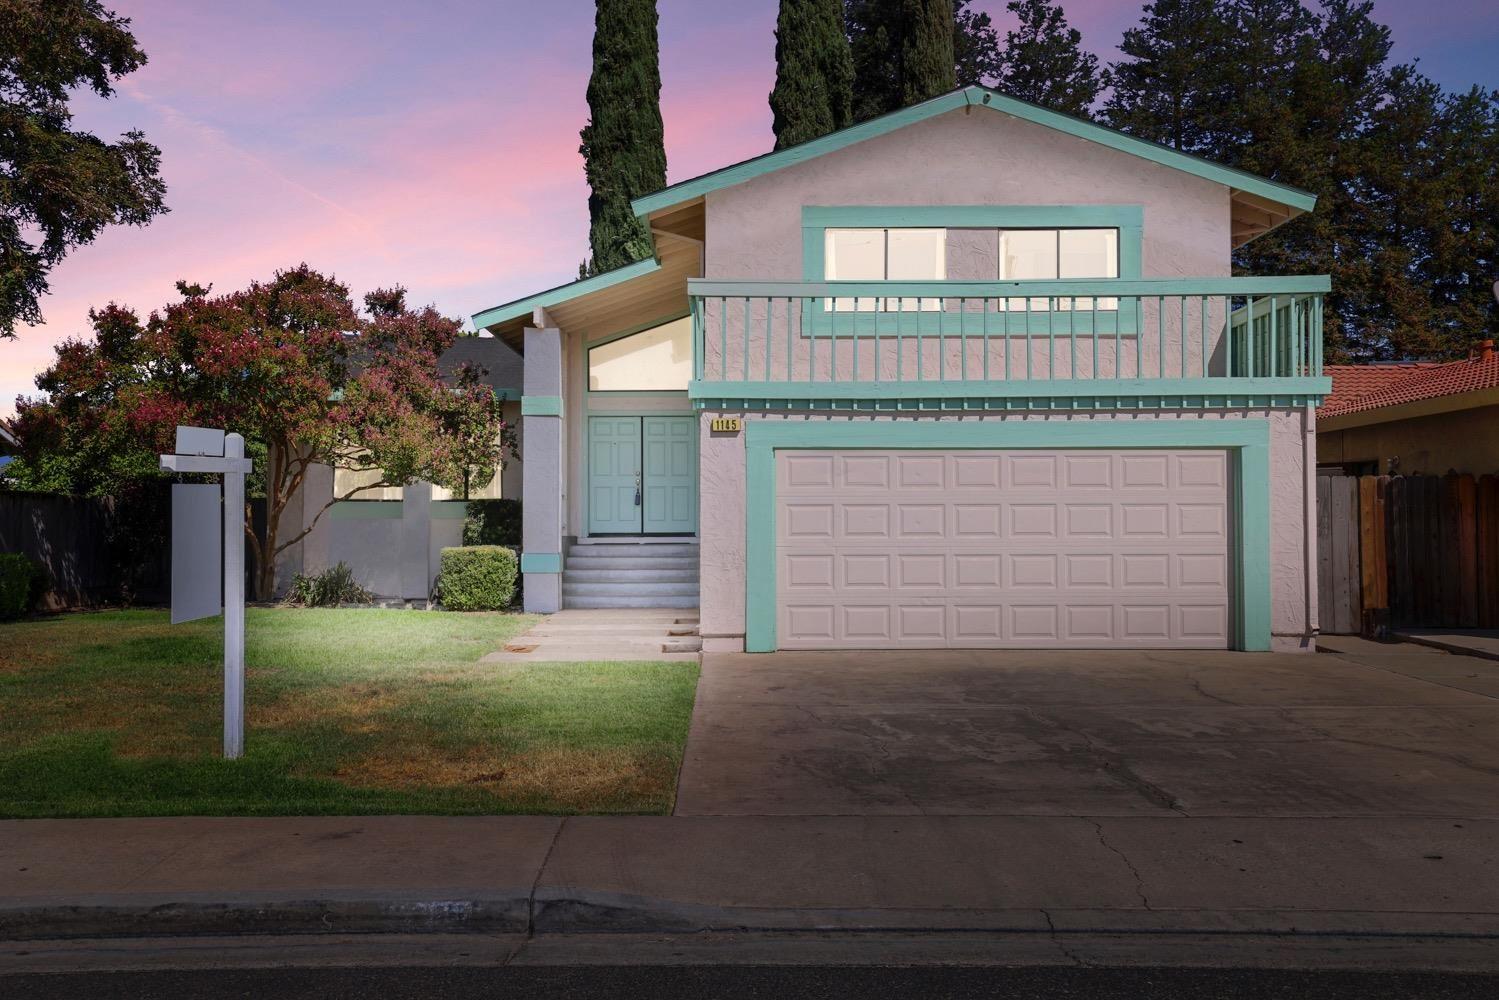 1145 tuolumne, Turlock, CA 95380 - MLS#: 221118288